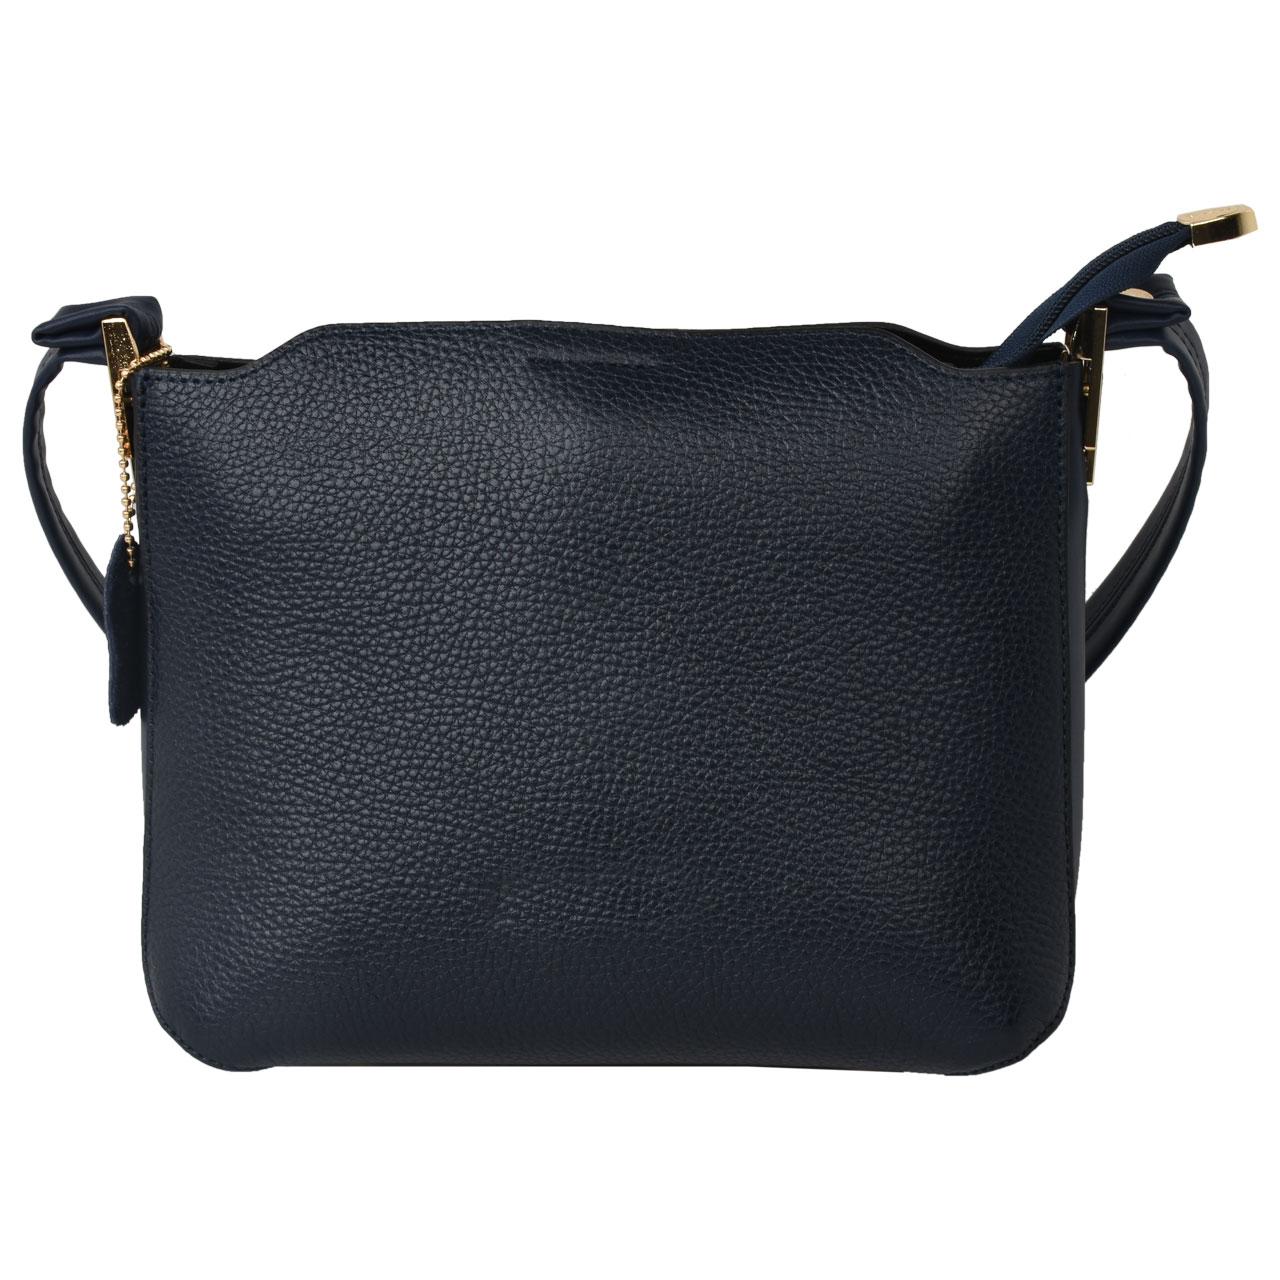 کیف دوشی زنانه پارینه مدل PLV172-11-1554